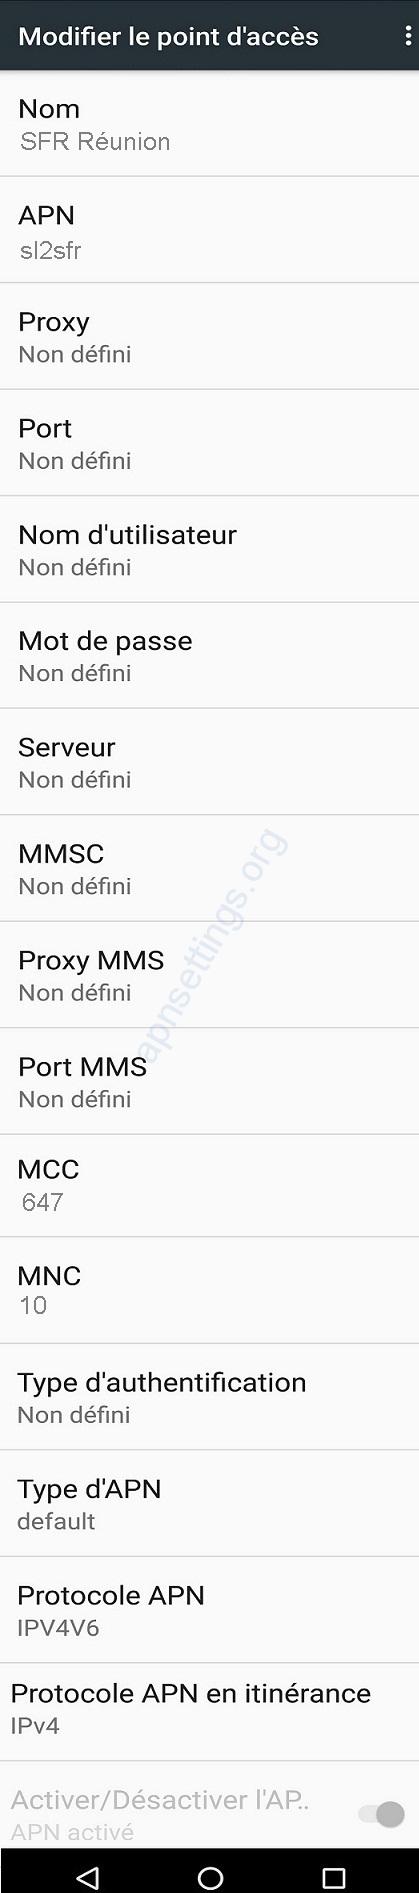 Paramètre internet de SFR Réunion